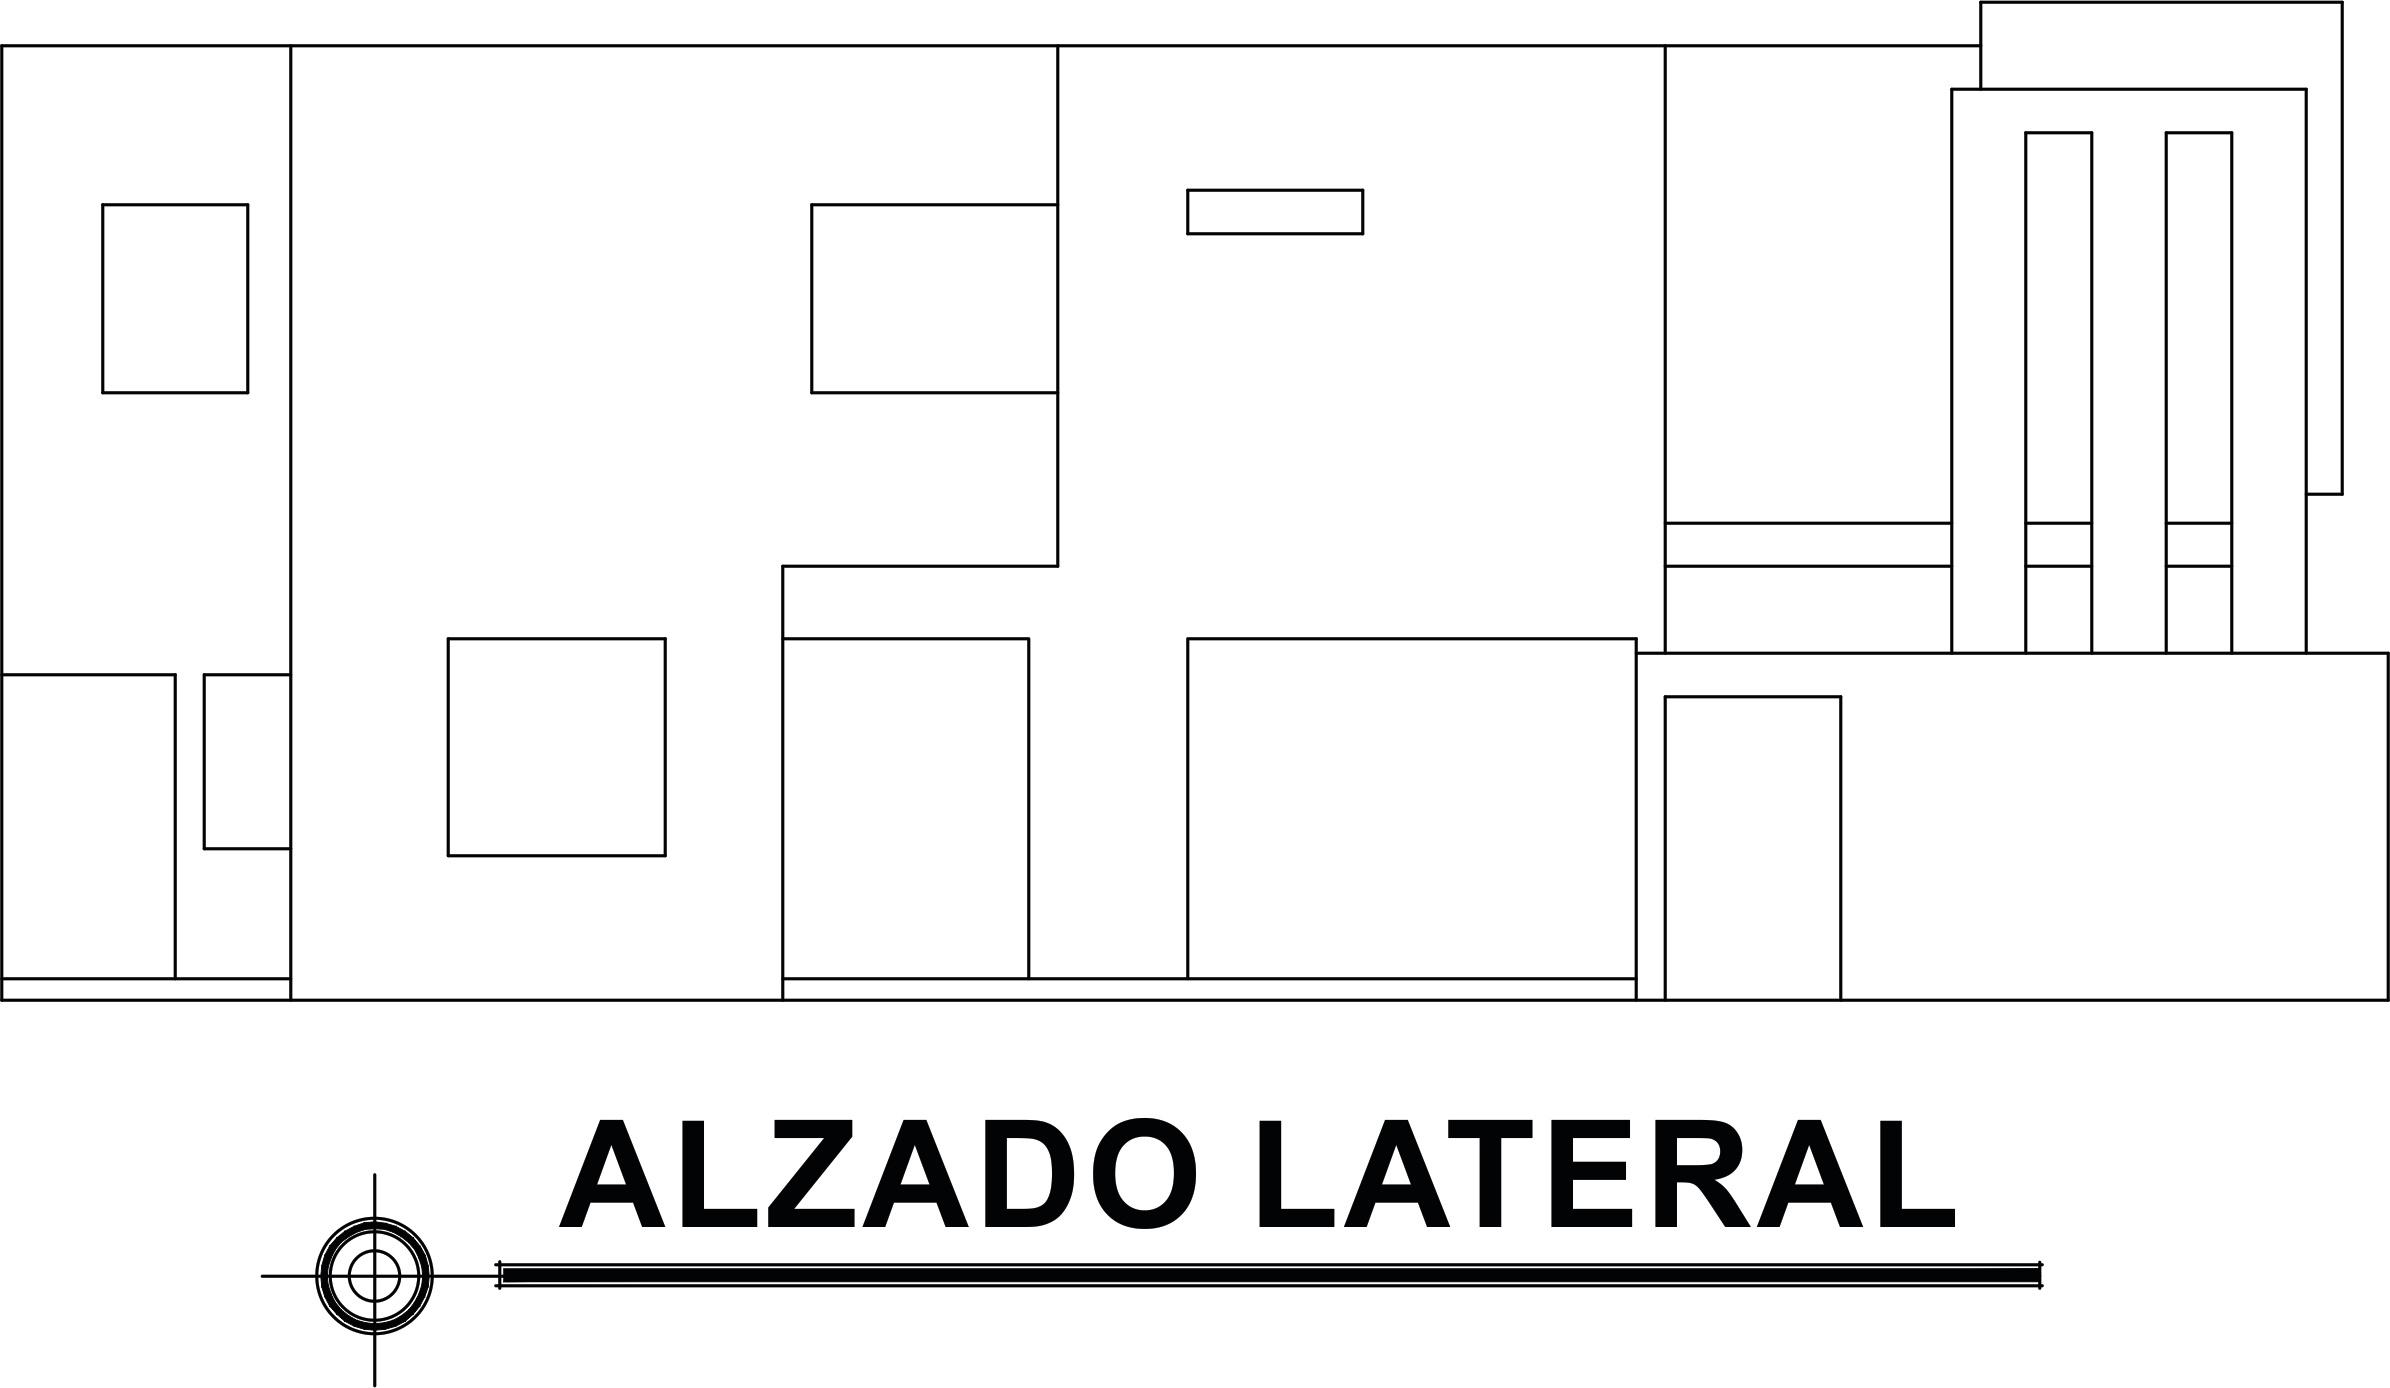 ALZADO LATERAL